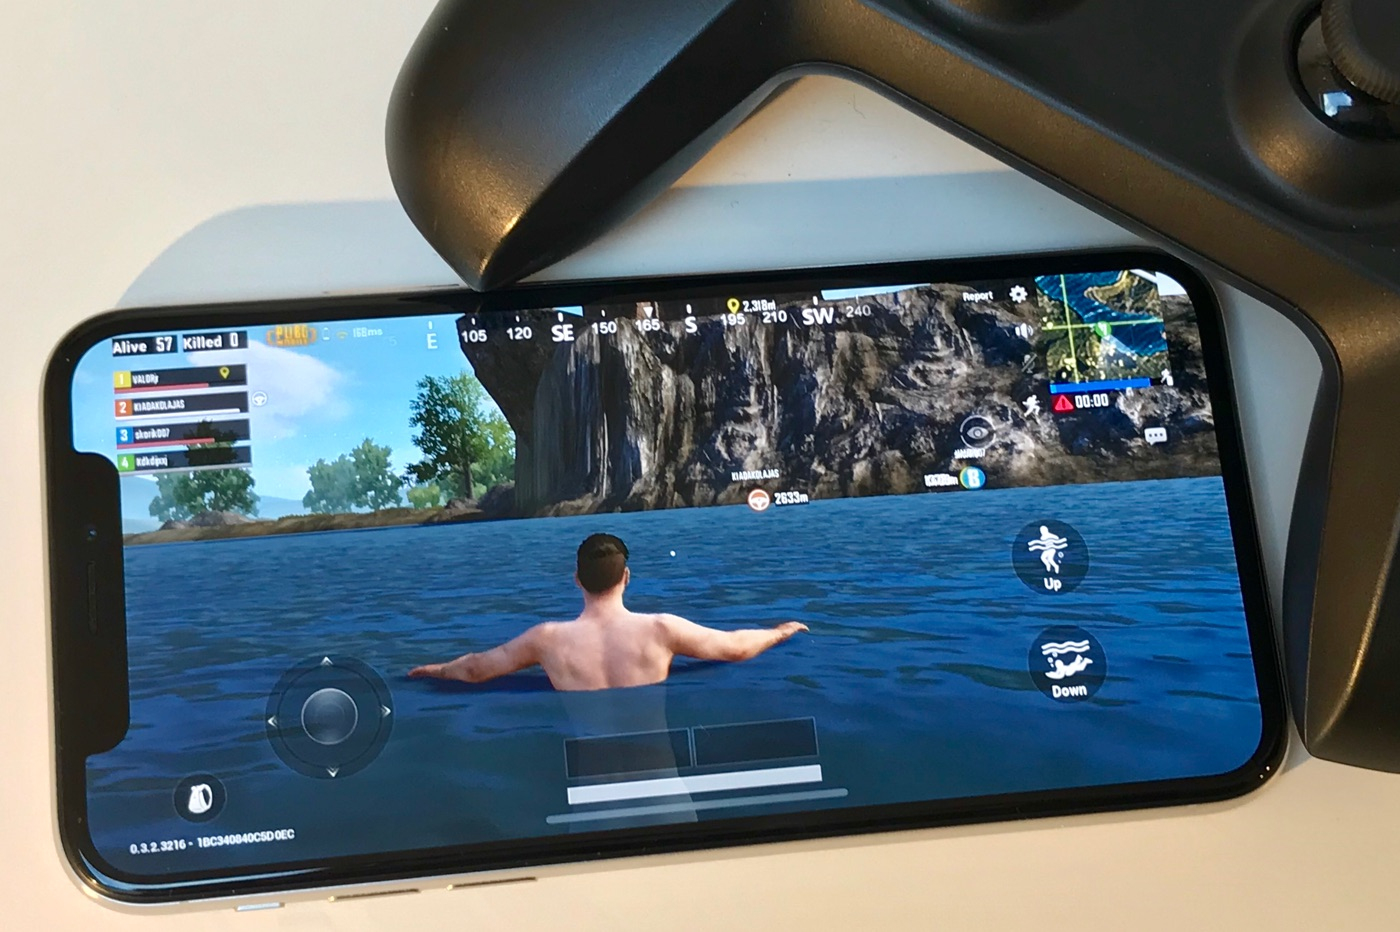 Les Meilleurs Jeux Iphone Et Ipad 2018 Par Iphon.fr destiné Jeux De Fille 3 Ans Gratuit